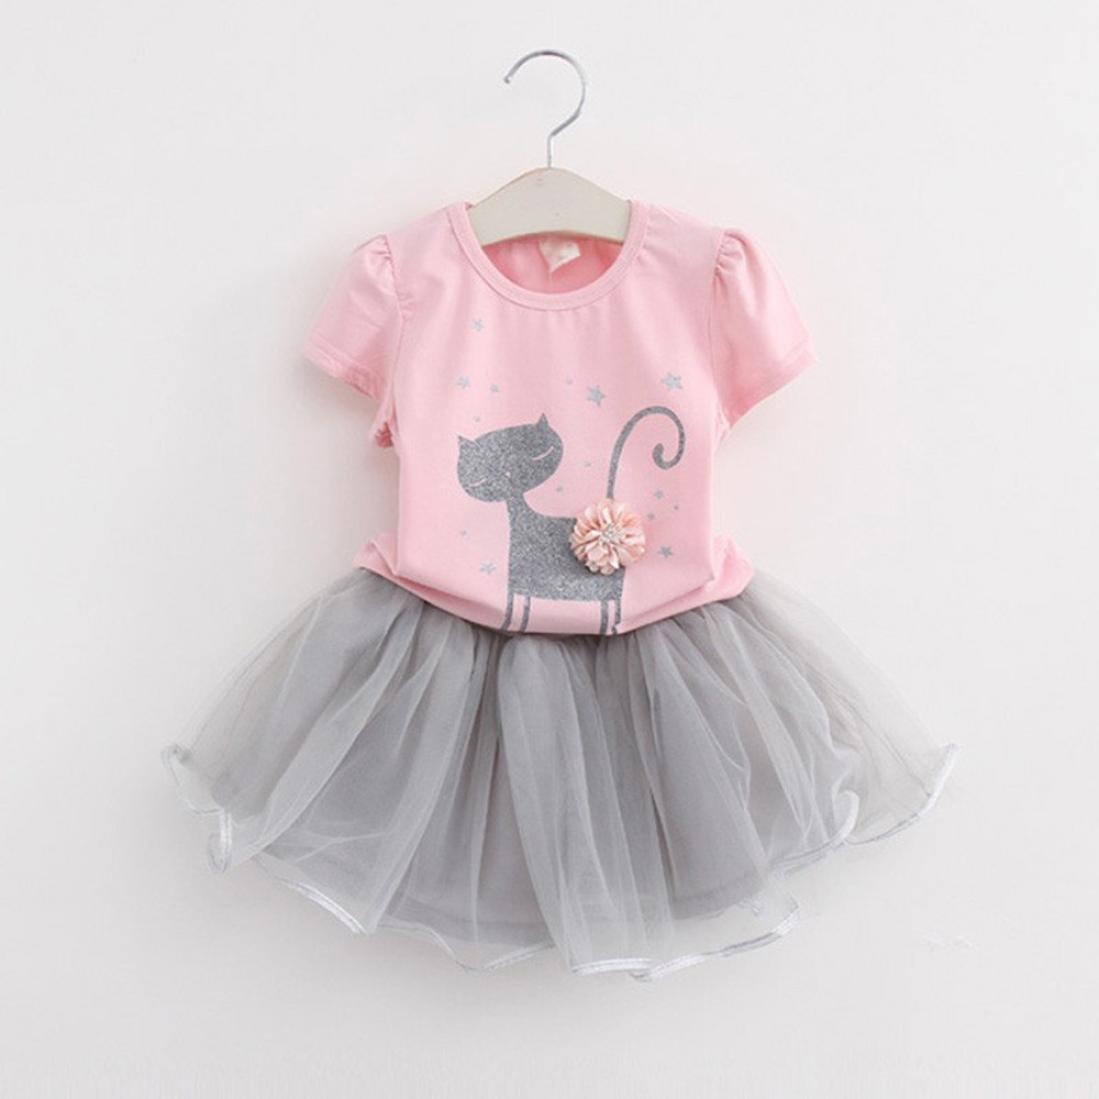 3f60052c96b Amazon.com  Canserin Hot Sale 2017 Summer Kids Girls Cartoon Little Kitten  Printed T-Shirt+Dress Clothes Set  Clothing